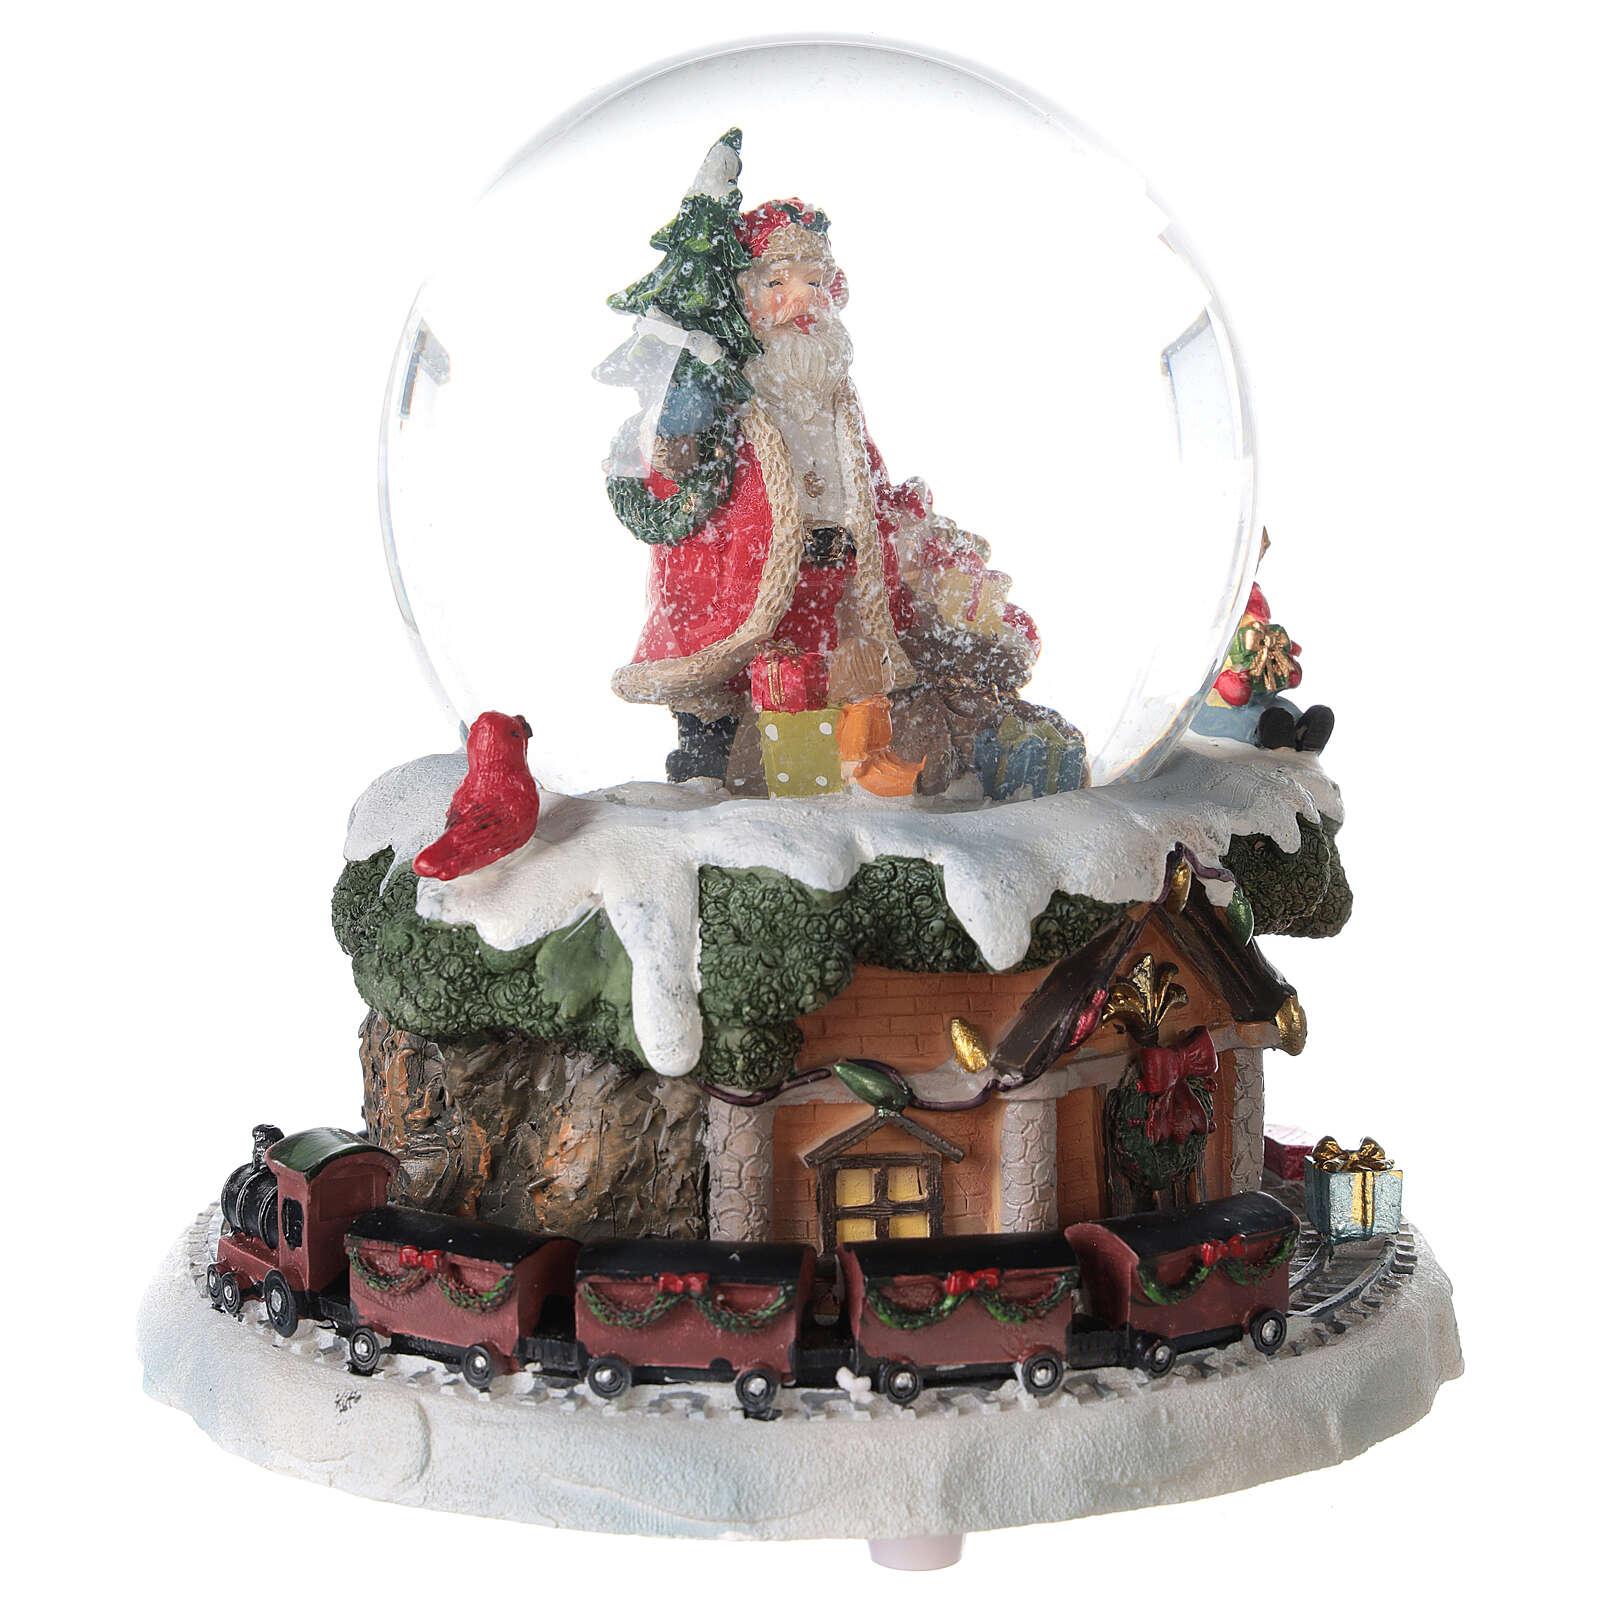 Santa Claus snow globe train music 15x15x15 cm 3